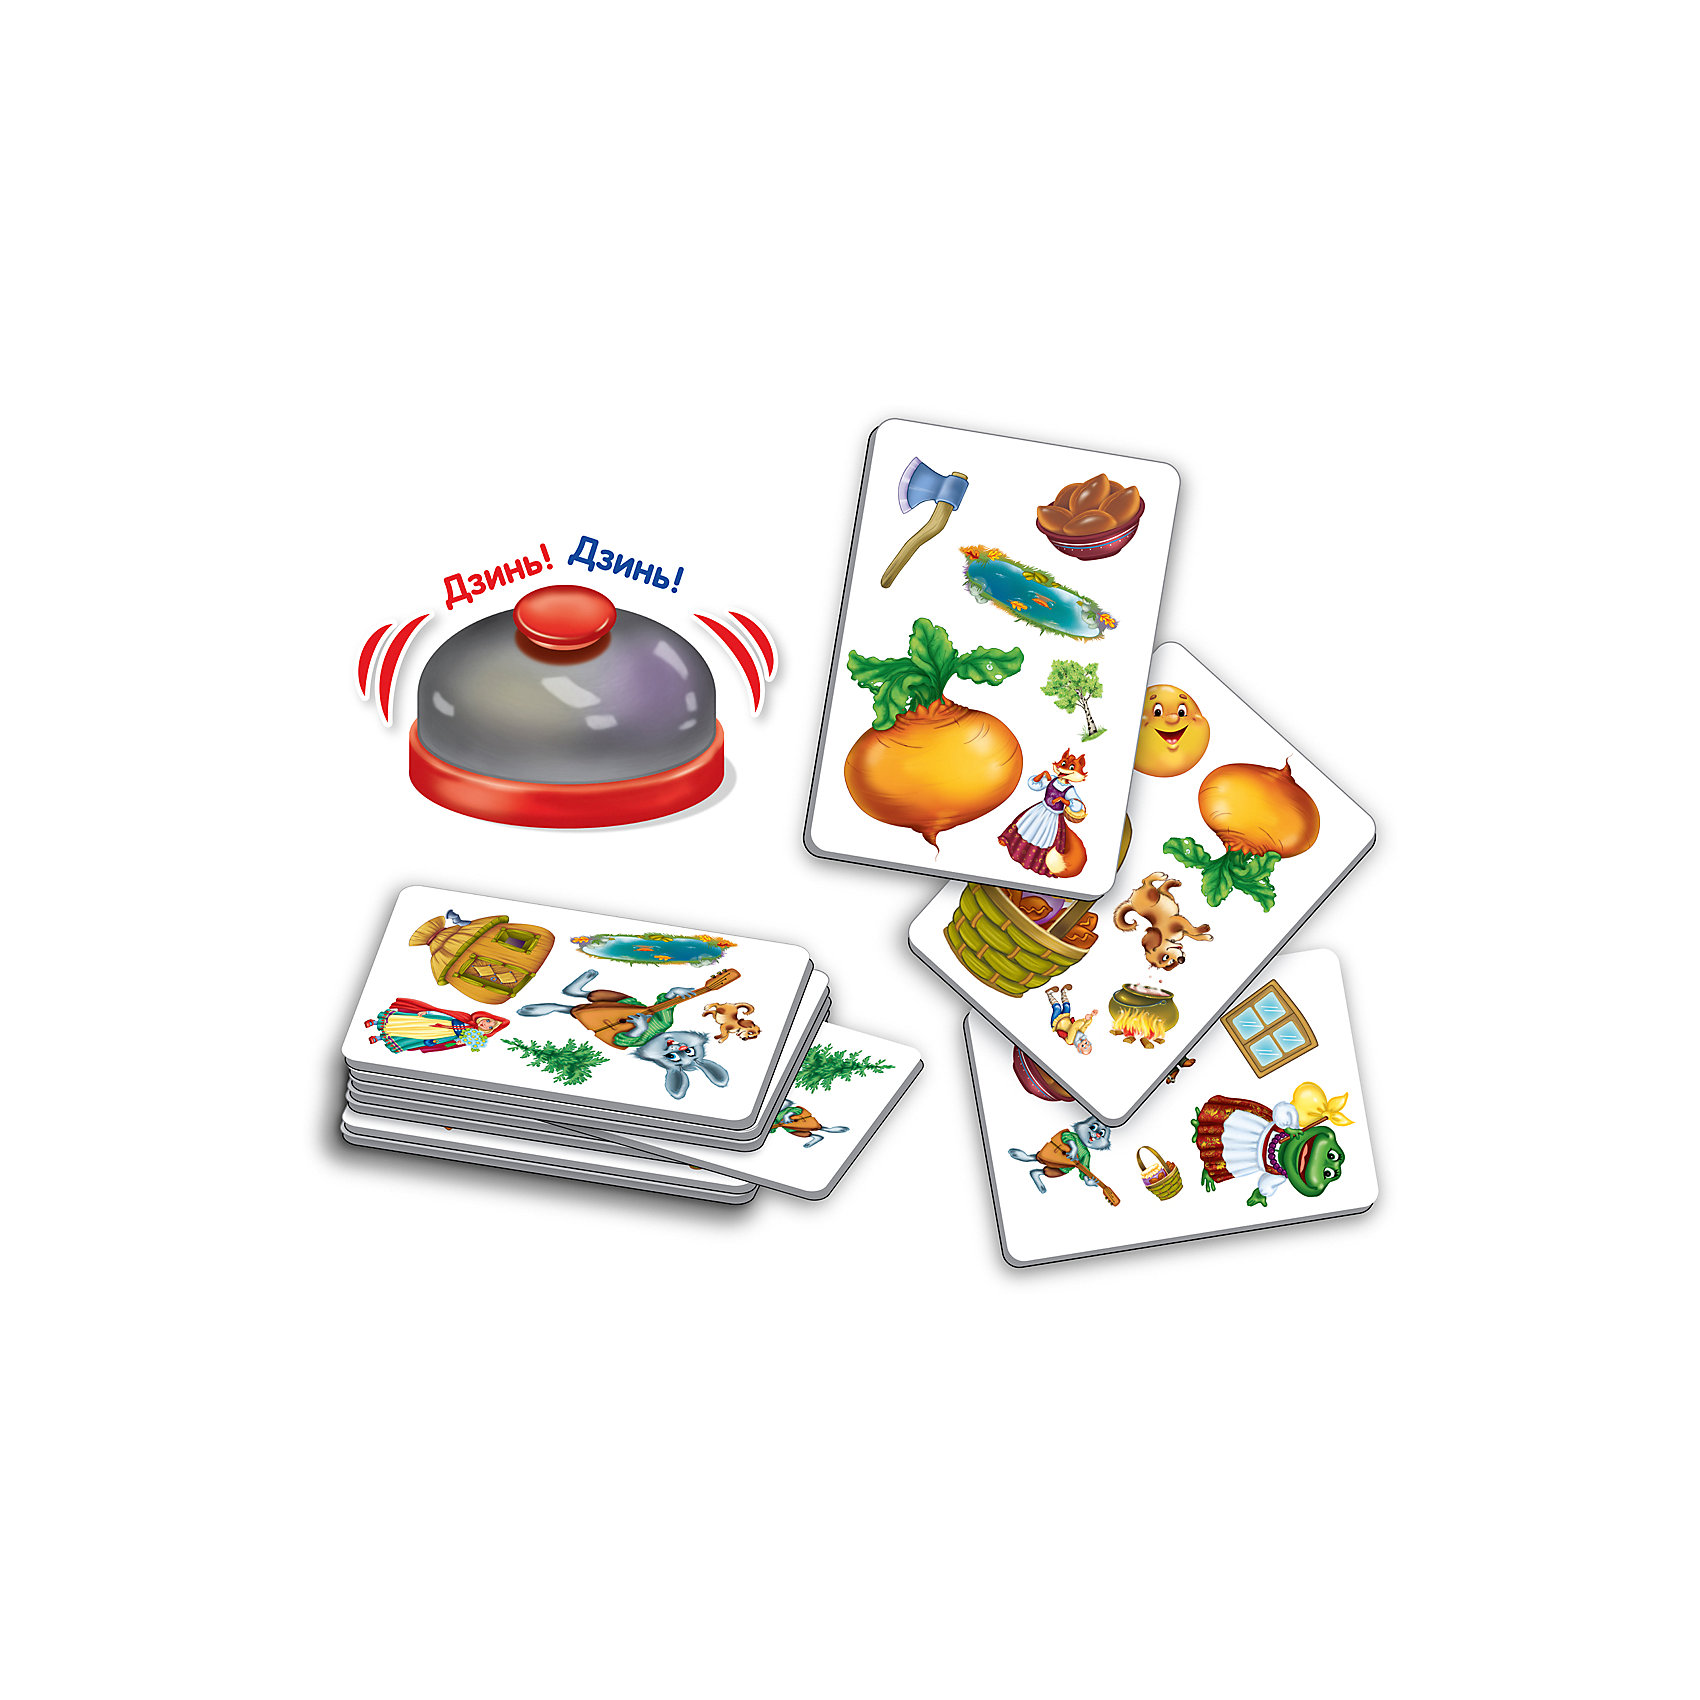 Игра со звонком  Путаница, Vladi ToysХарактеристики:<br><br>• Вид игр: обучающие, развивающие<br>• Серия: настольные игры<br>• Пол: универсальный<br>• Материал: картон<br>• Цвет: желтый, зеленый, красный и др.<br>• Комплектация: 32 игральные карточки, звонок, инструкция с правилами игр<br>• Размеры упаковки (Д*Ш*В): 18*5*22,6 см<br>• Тип упаковки: картонная коробка<br>• Вес в упаковке: 252 г<br>• Предусмотрено 3 варианта игры<br><br>Игра со звонком Путаница, Vladi Toys, производителем которых является компания, специализирующаяся на выпуске развивающих игр, давно уже стали популярными среди аналогичной продукции. Развивающие настольные игры являются эффективным способом развития и обучения ребенка. При производстве настольных игр от Vladi Toys используются только экологически безопасные материалы, которые не вызывают аллергии и не имеют запаха. Набор состоит из 32 карточек с изображением сказочных персонажей и звонка. Все игровые элементы набора отличаются яркостью красок и наглядностью. <br>Игра со звонком Путаница, Vladi Toys позволит организовать веселый и полезный досуг вашего ребенка, научит внимательности, быстроте реагирования, смекалке и логическому мышлению, а также будет способствовать развитию памяти.<br><br>Игру со звонком Путаница, Vladi Toys можно купить в нашем интернет-магазине.<br><br>Ширина мм: 180<br>Глубина мм: 50<br>Высота мм: 226<br>Вес г: 252<br>Возраст от месяцев: 24<br>Возраст до месяцев: 84<br>Пол: Унисекс<br>Возраст: Детский<br>SKU: 5136133